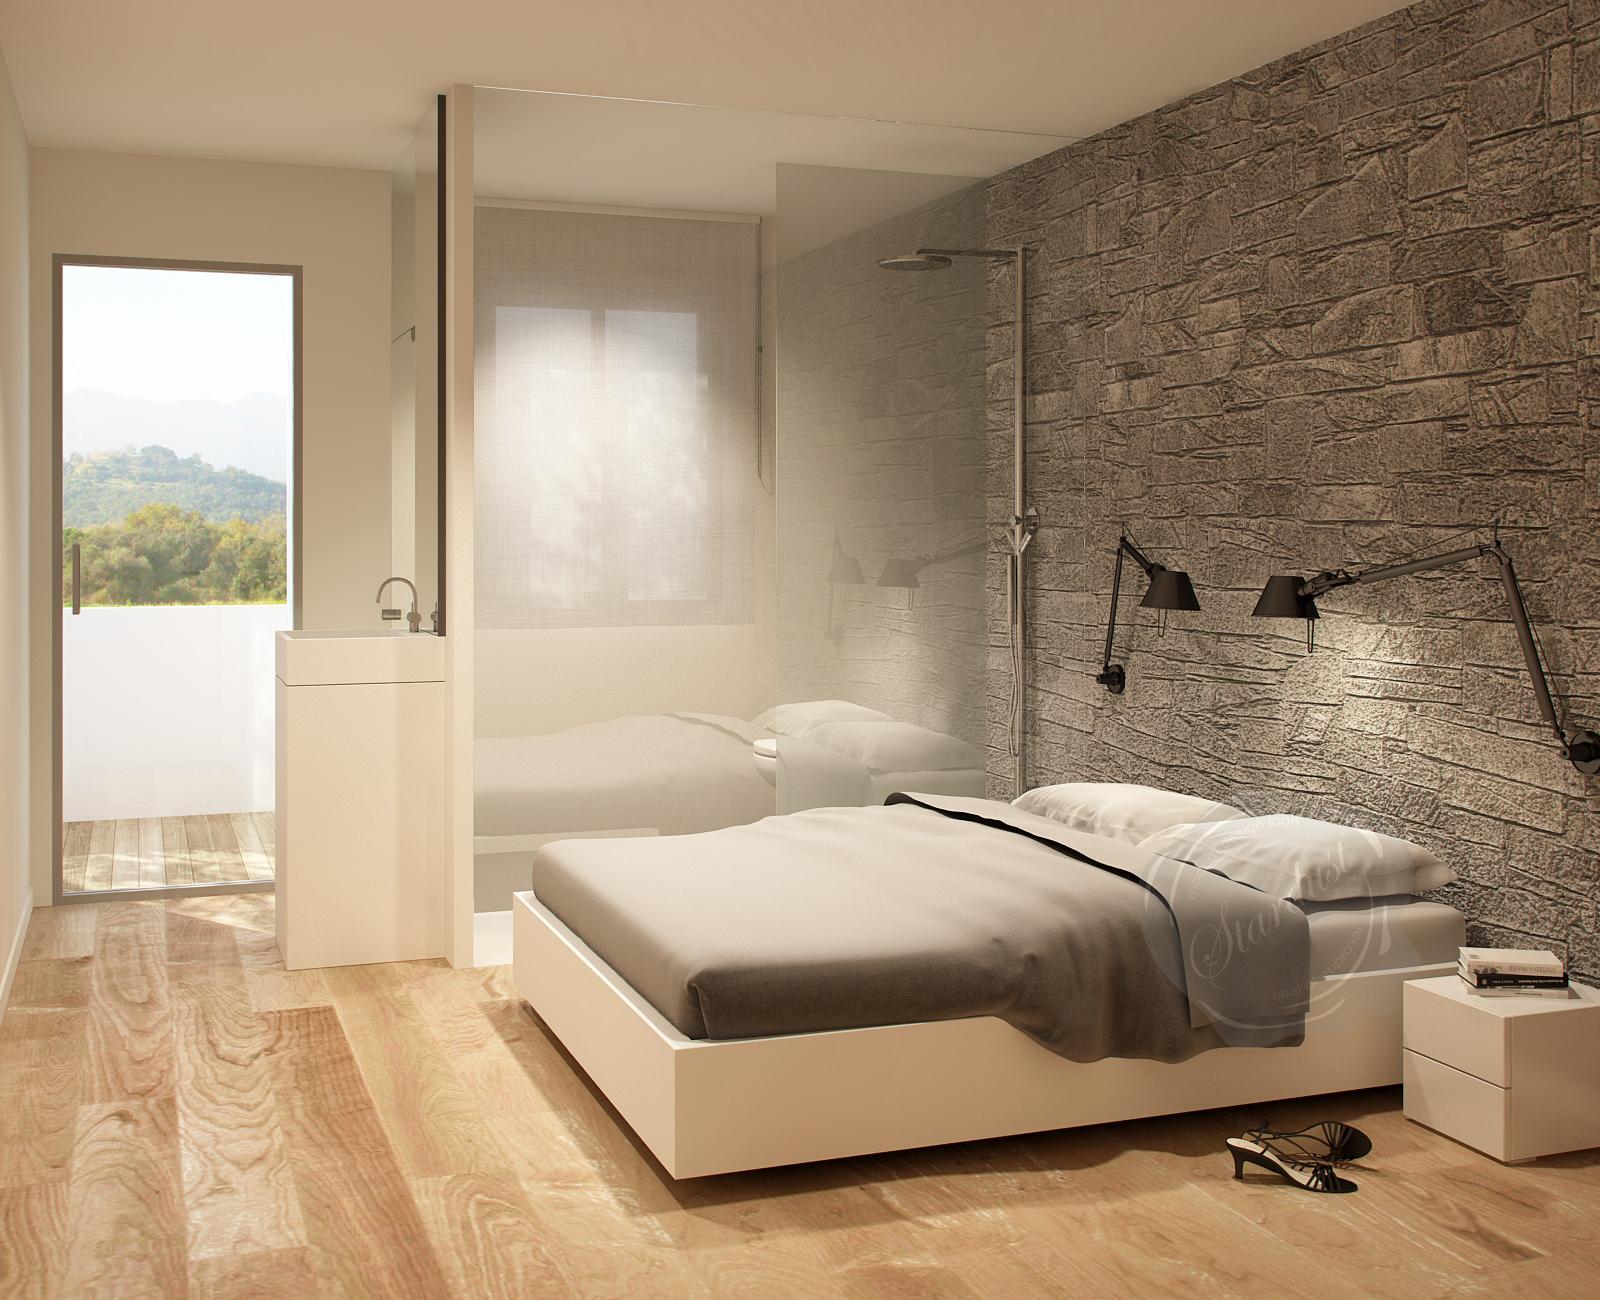 Forum Arredamento.it •impianto elettrico ed illuminazione appartamento